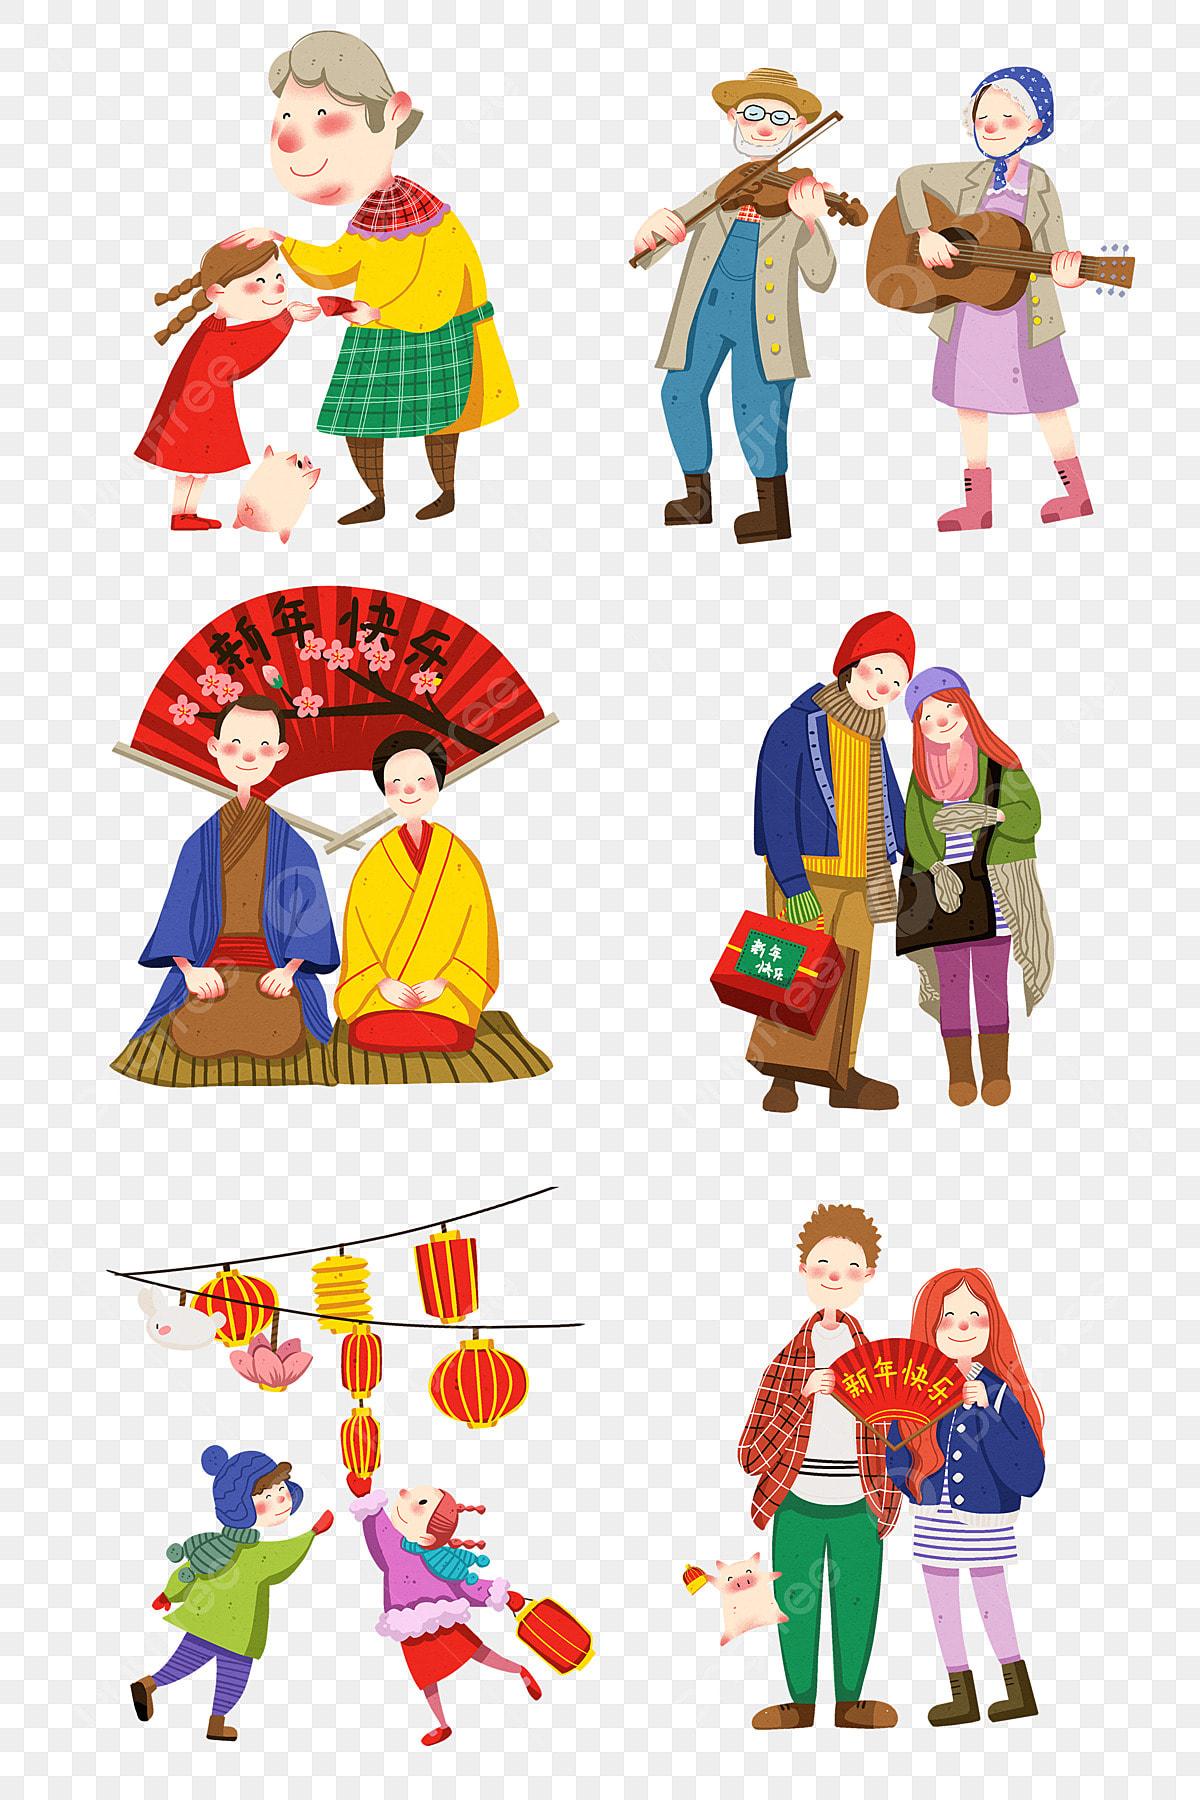 新年の赤い封筒 幸せな子 漫画イラスト 手描きの新年イラスト 幸せな子 明けましておめでとうございます 手描きの新年コレクションの図画像とpsd素材ファイルの無料ダウンロード Pngtree